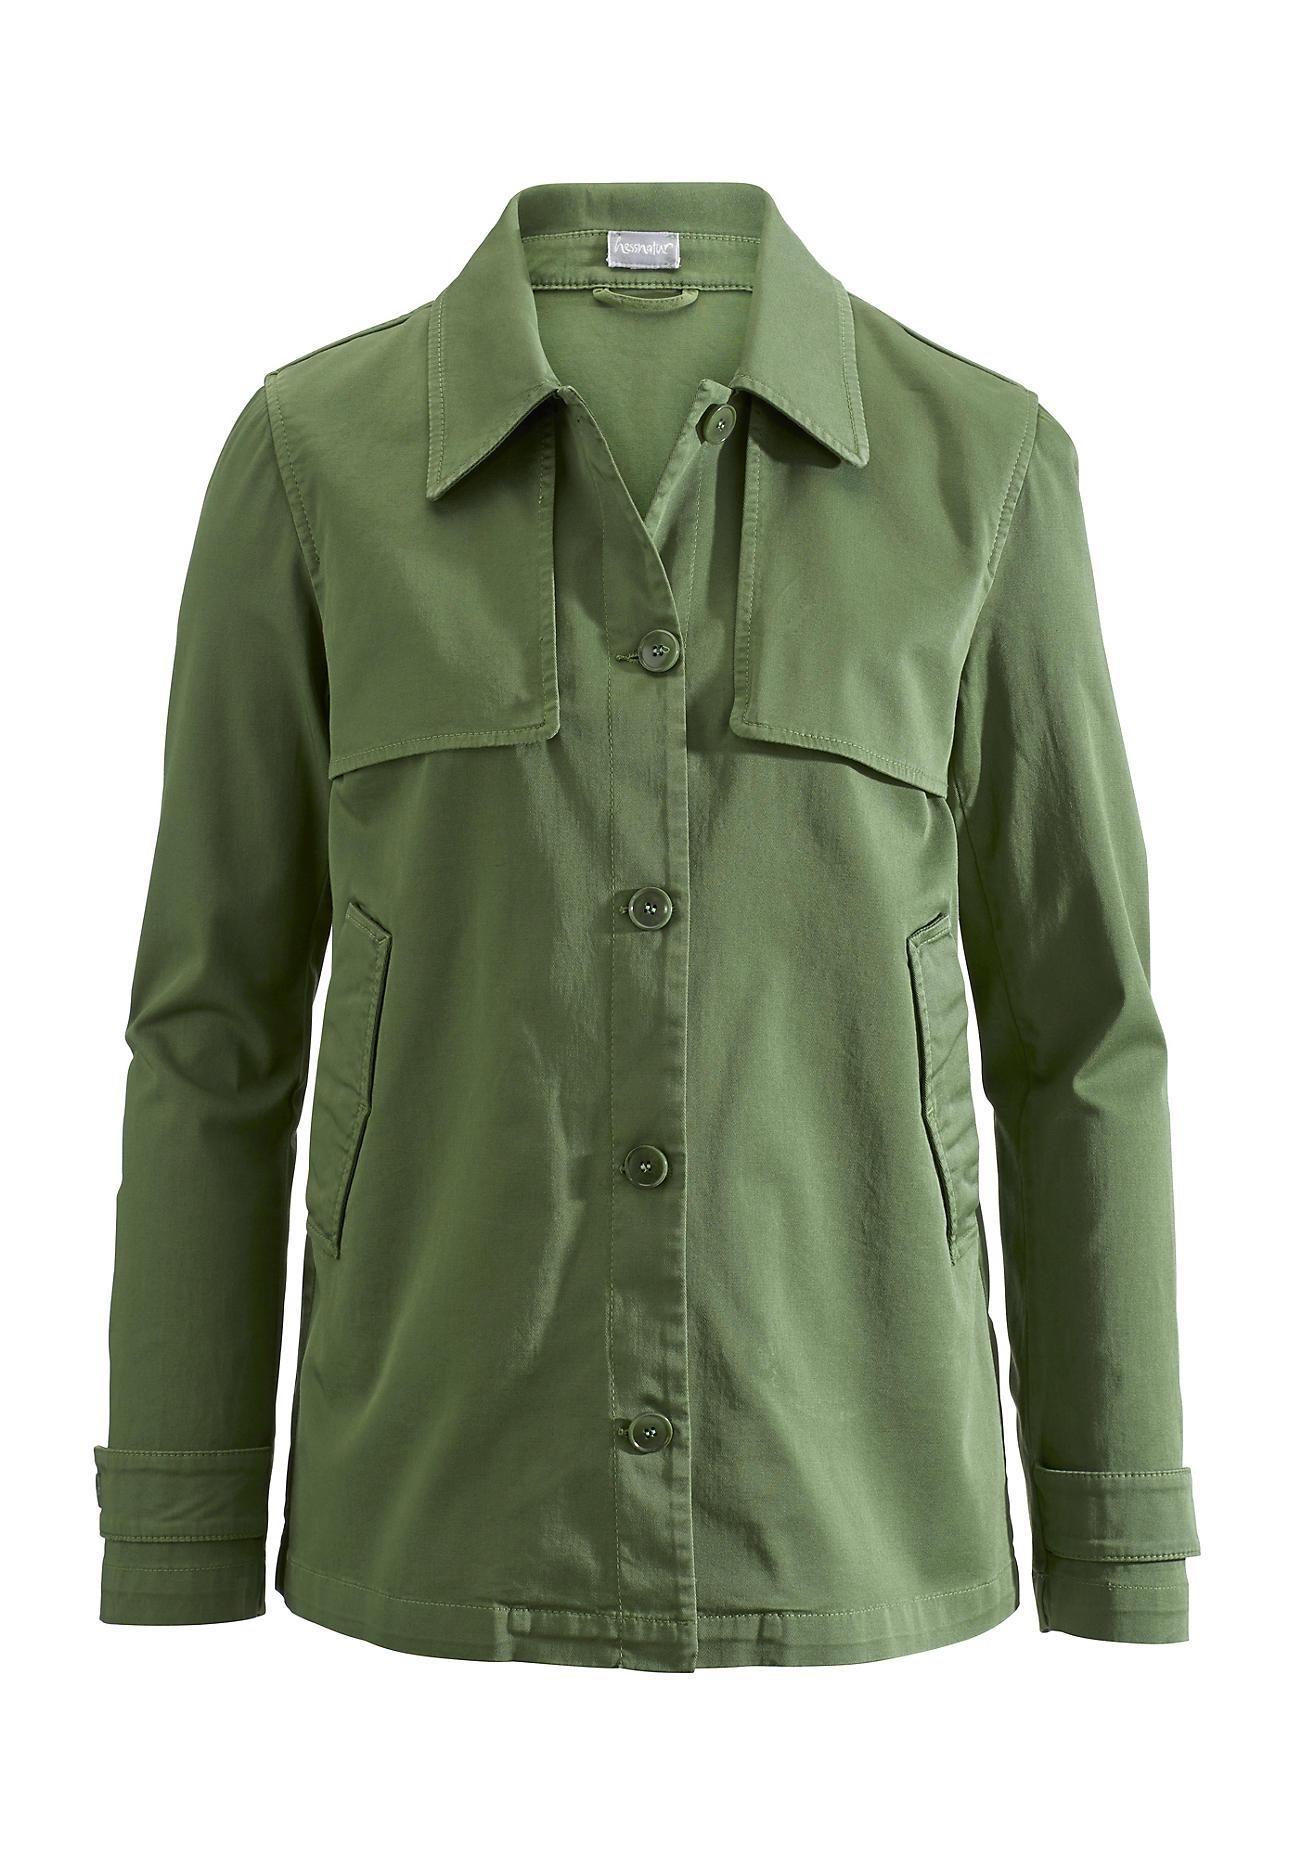 Jacken für Frauen - hessnatur Damen Jacke aus Bio Baumwolle – grün –  - Onlineshop Hessnatur